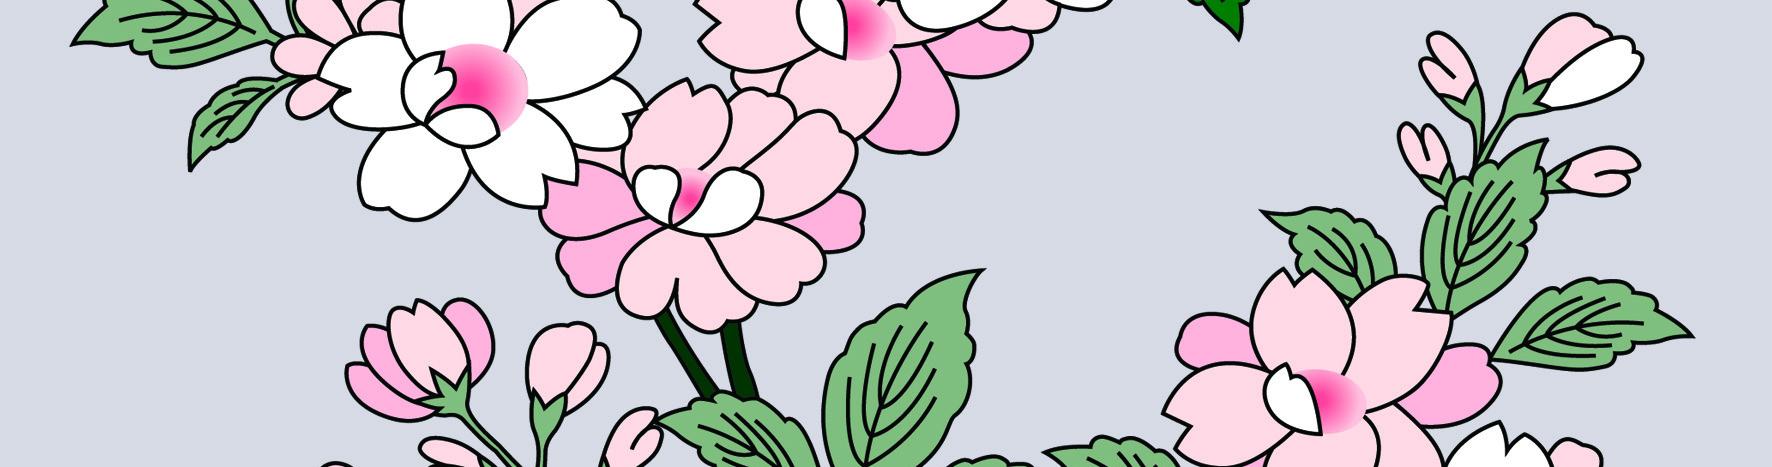 花とキャッチコピー